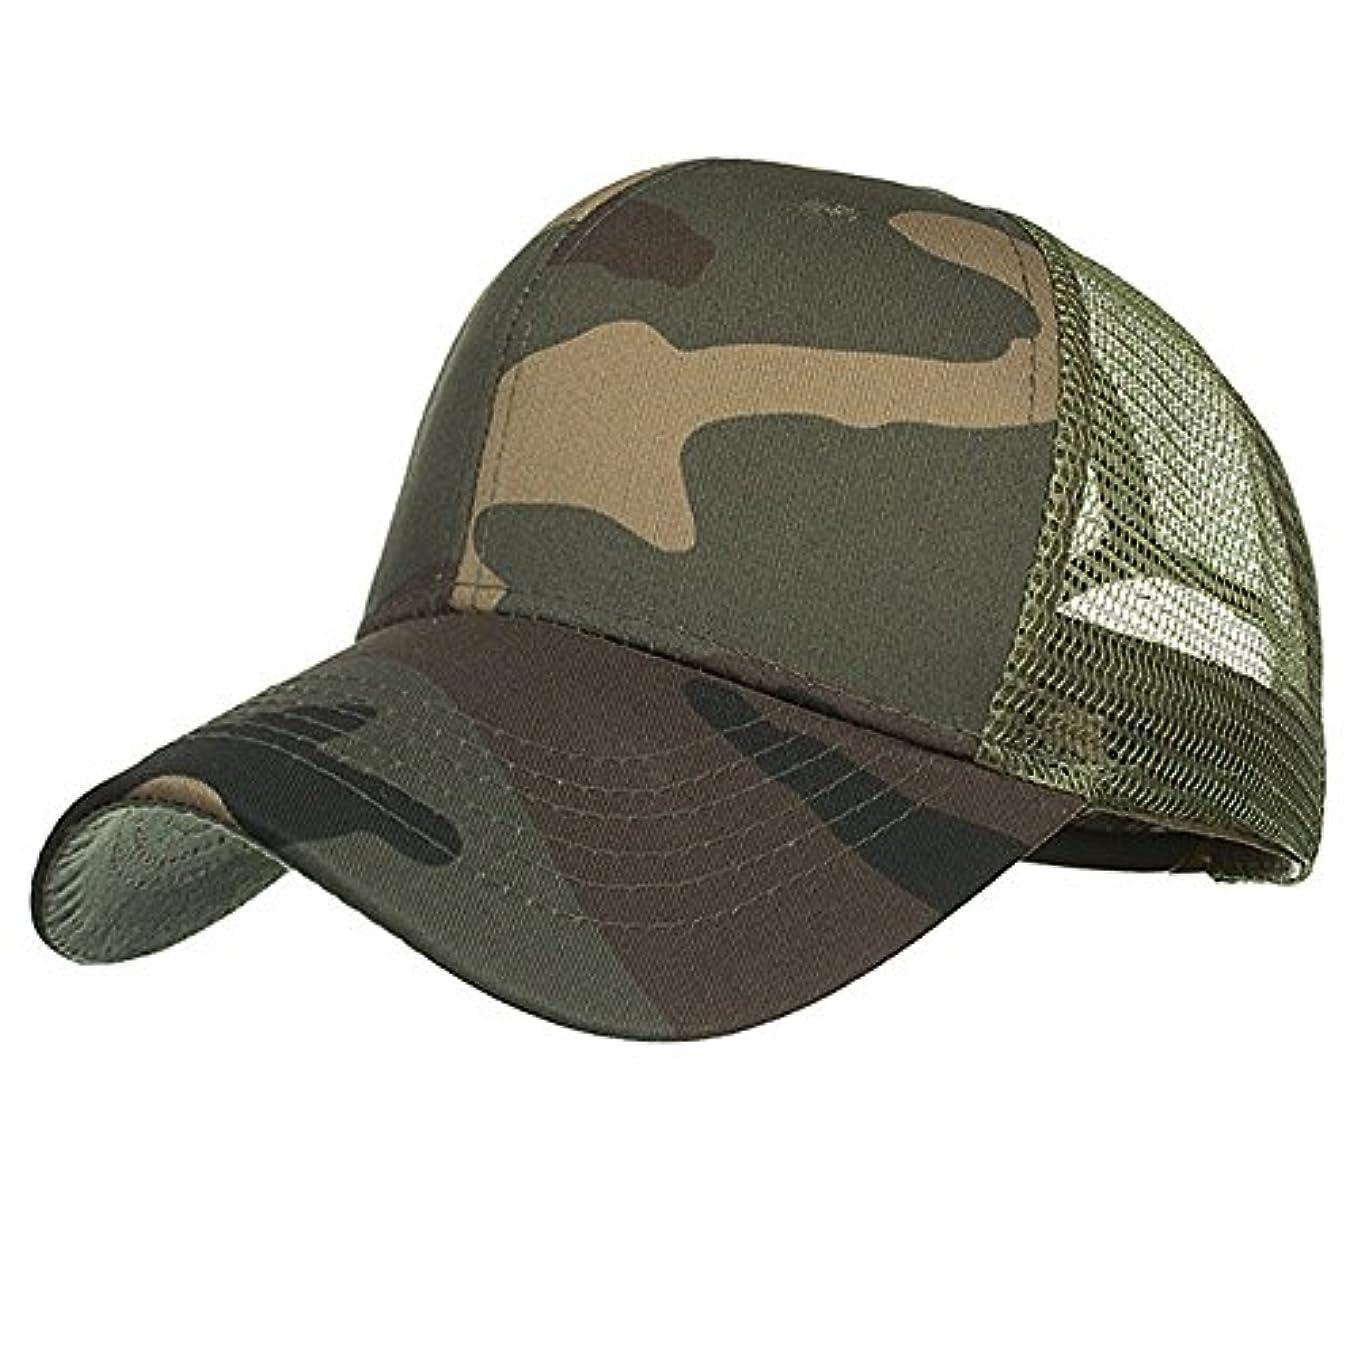 スタジアム雄弁専門用語Racazing Cap 迷彩 野球帽 メッシュステッチ 通気性のある 帽子 夏 登山 可調整可能 刺繍 棒球帽 UV 帽子 軽量 屋外 Unisex Hat (A)